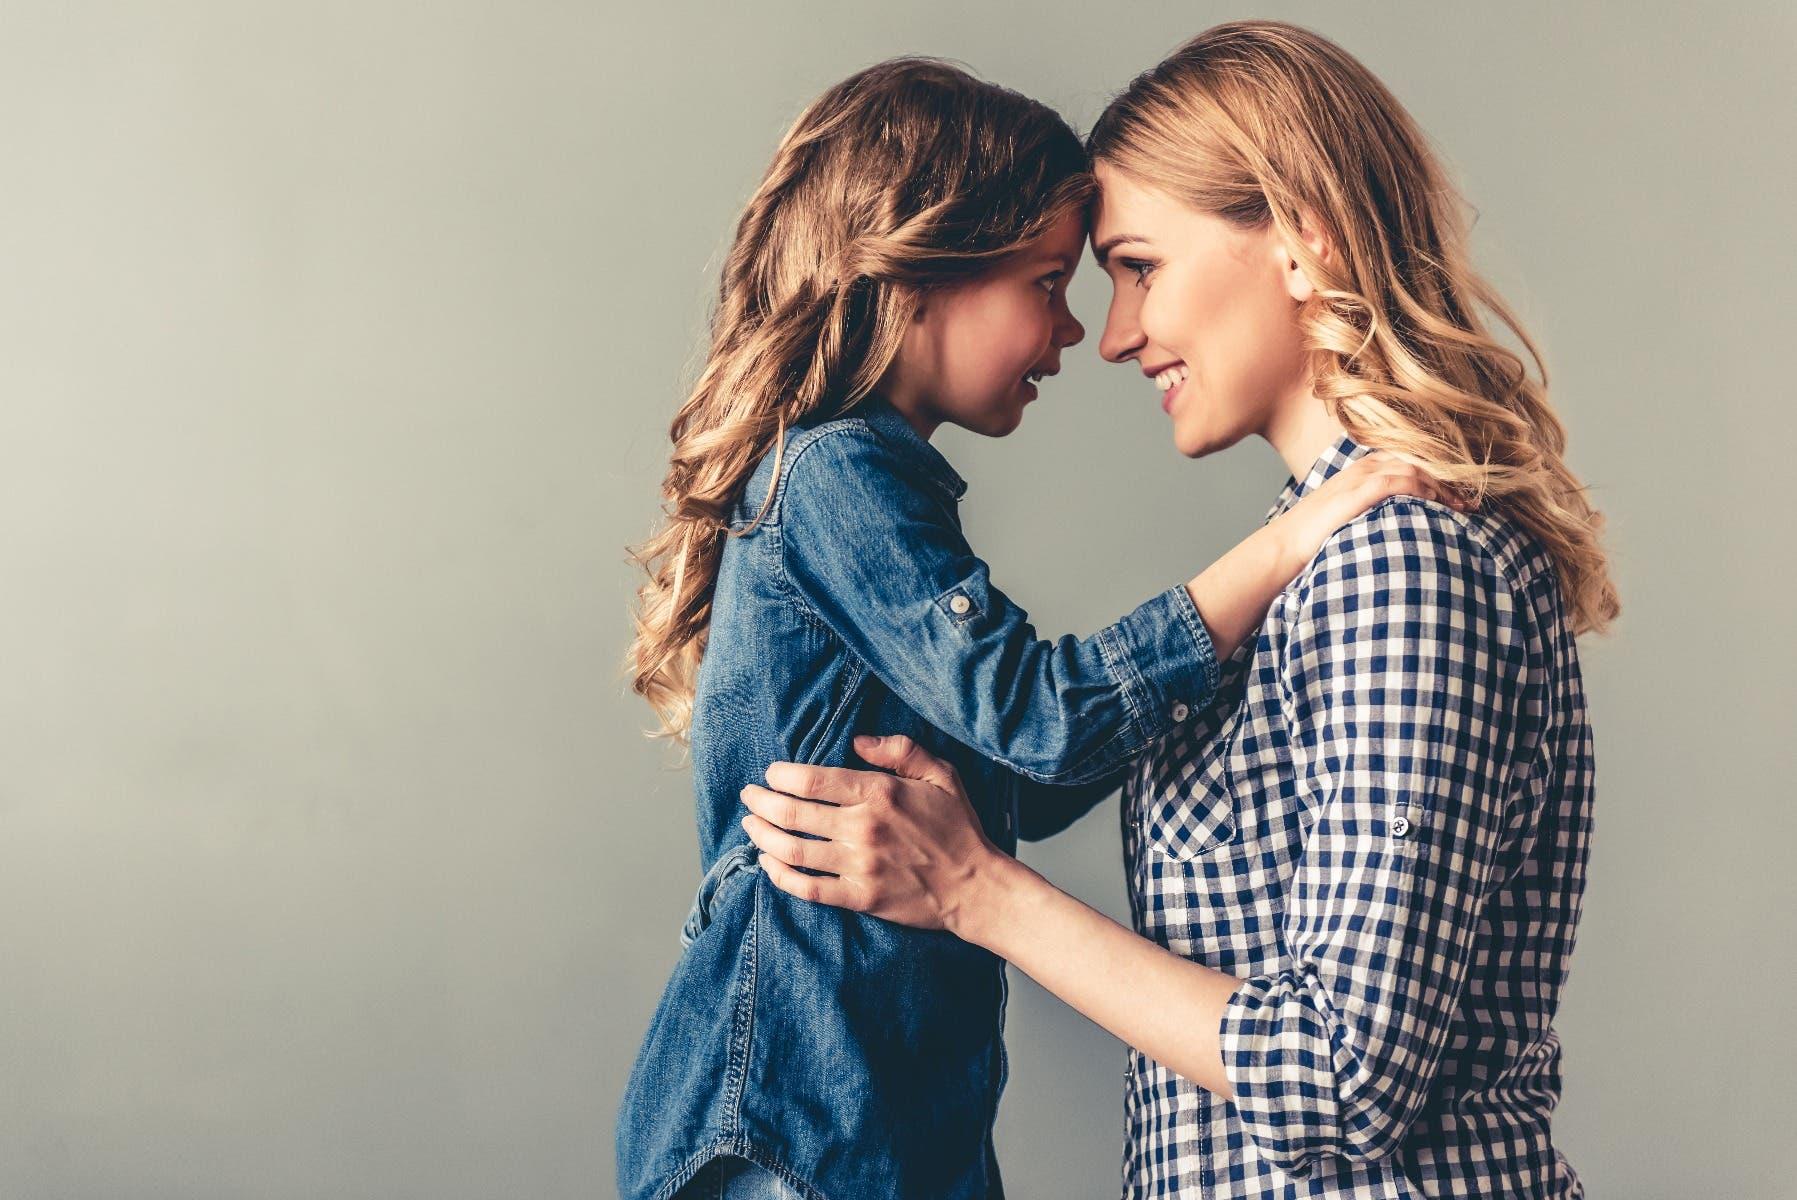 كيف اجعل طفلي مستمع جيد